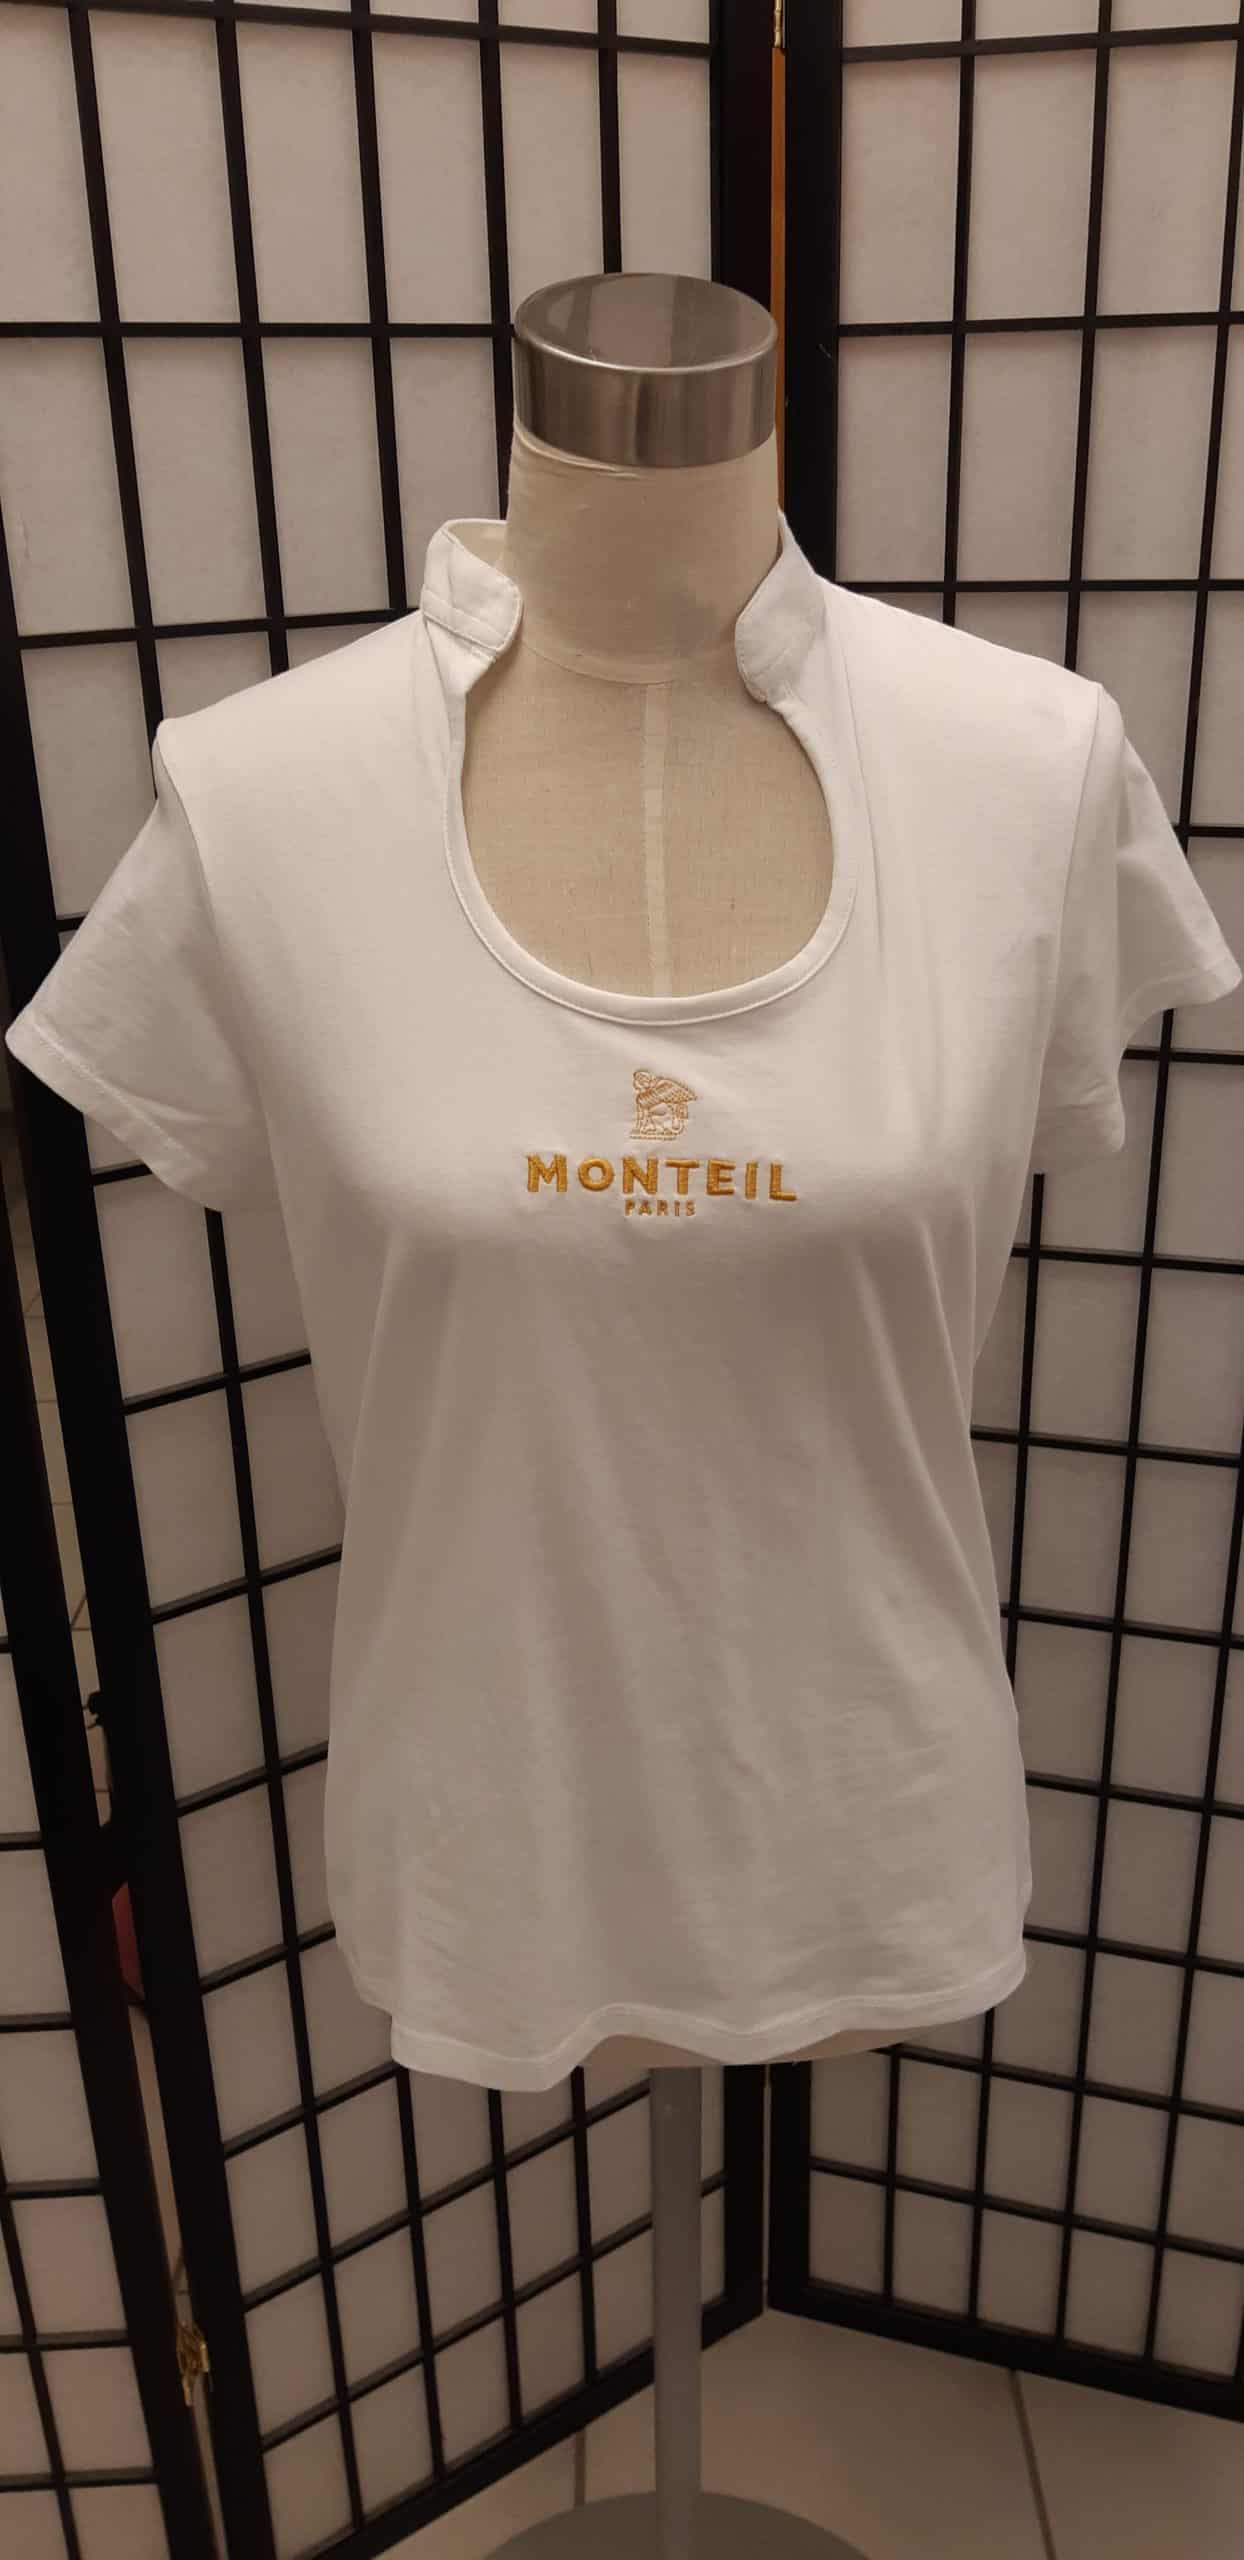 Monteil T paita valkoinen